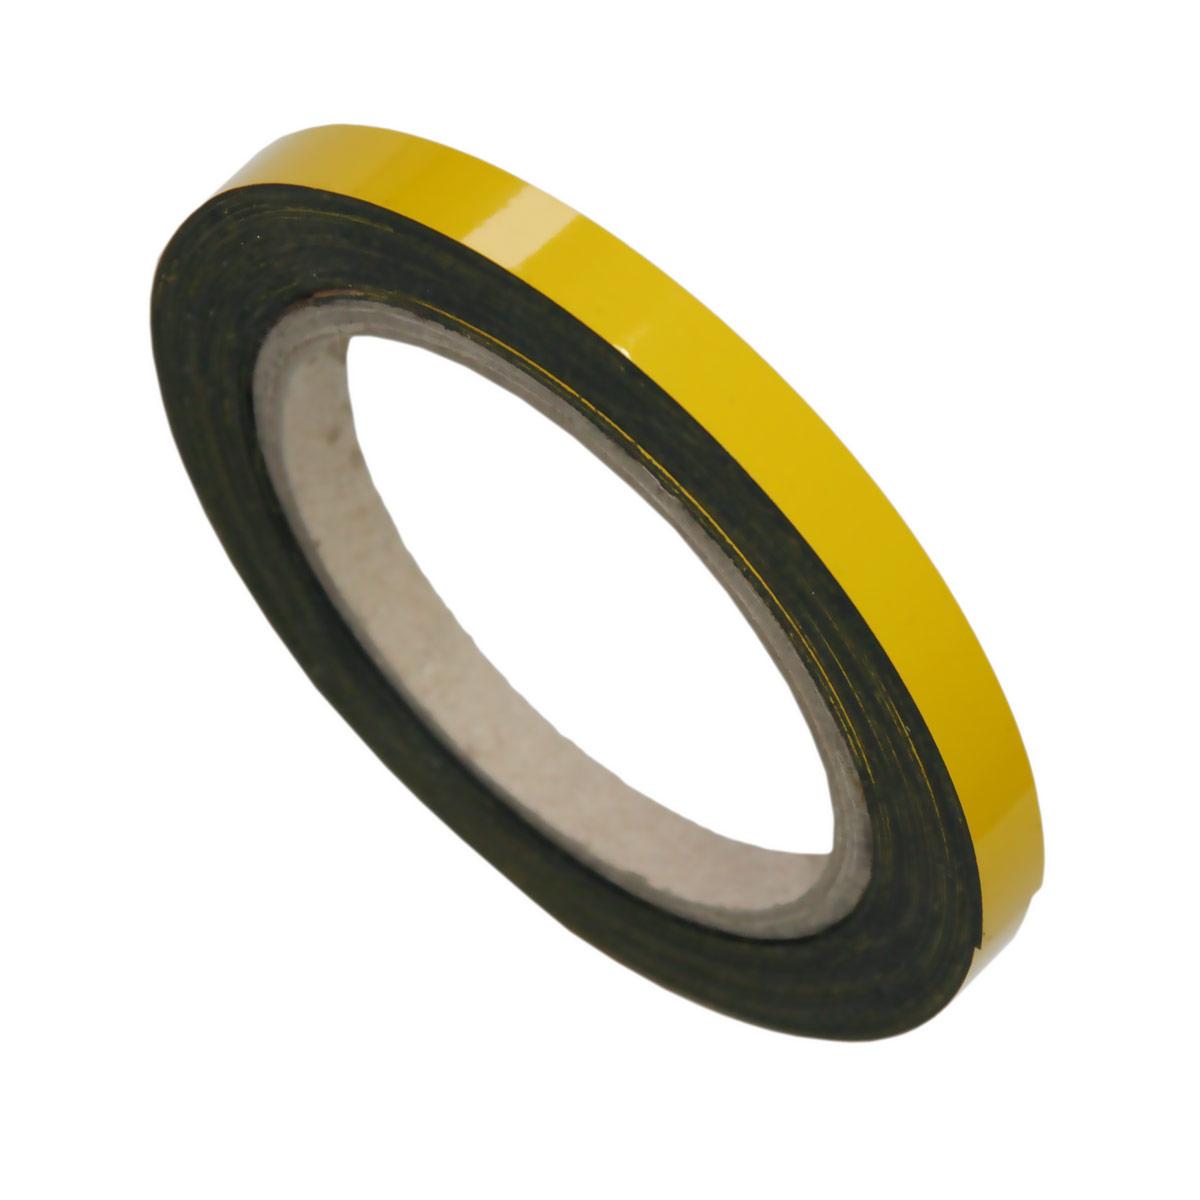 Pasek magnetyczny suchościeralny żółty